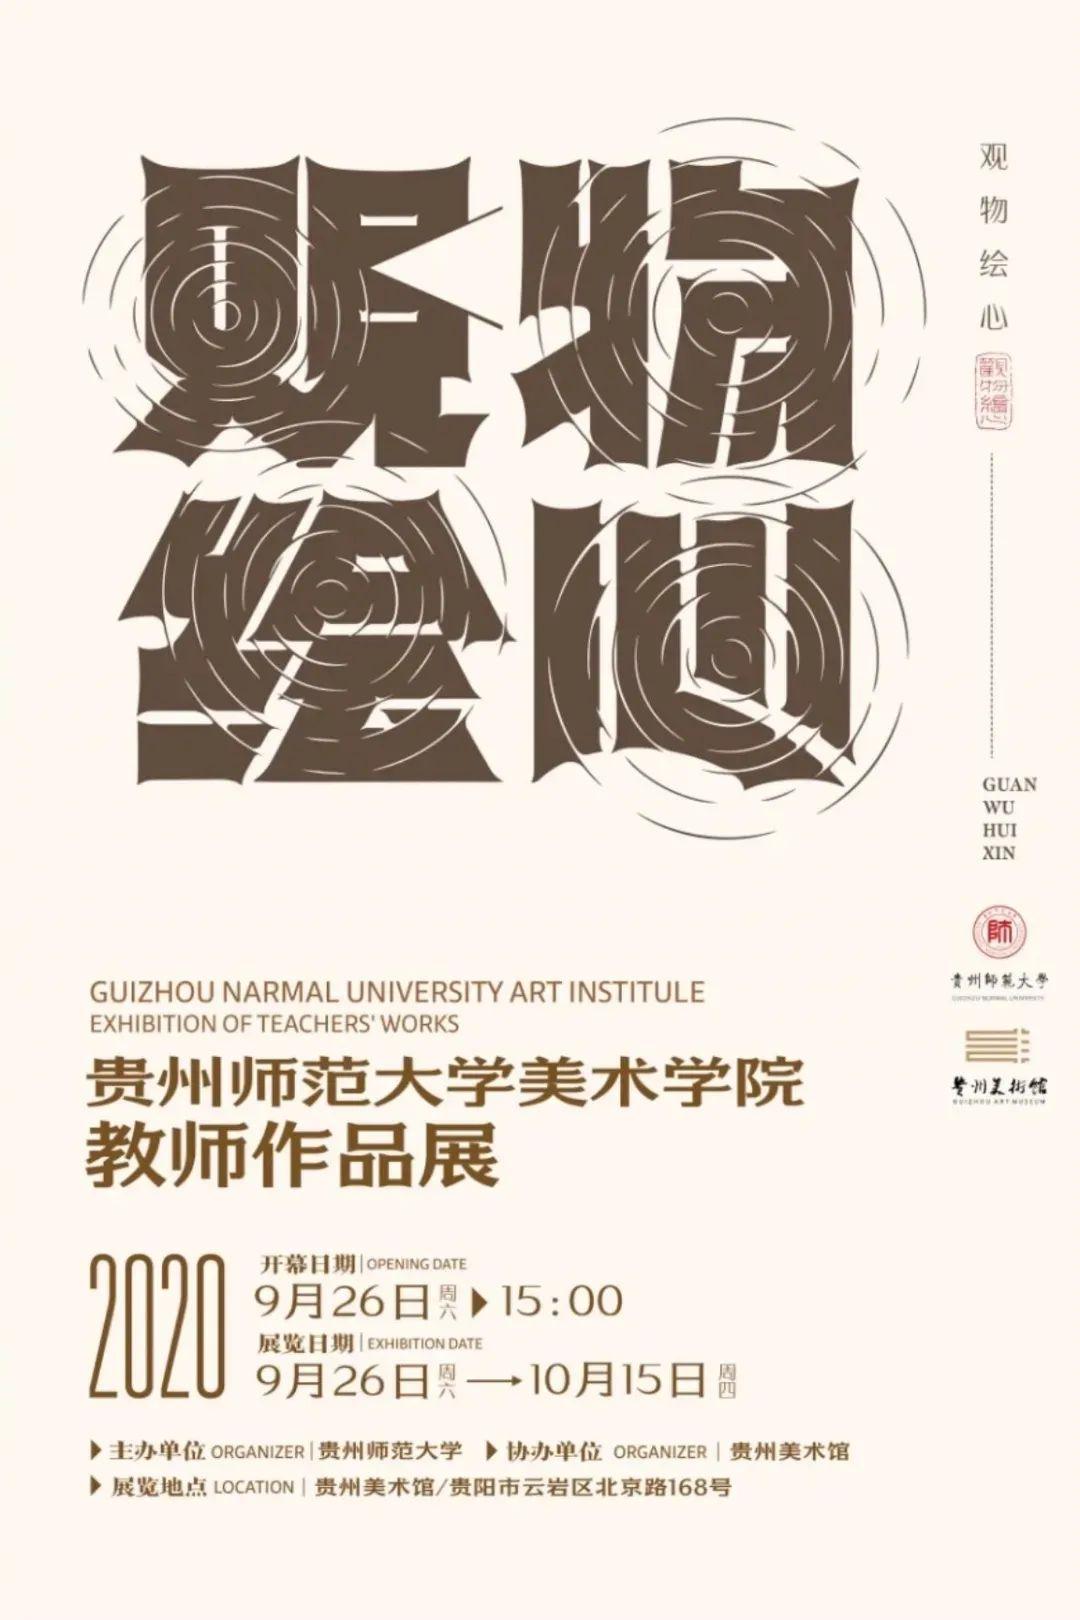 展览预告|贵州师范大学美术学院教师作品展图片